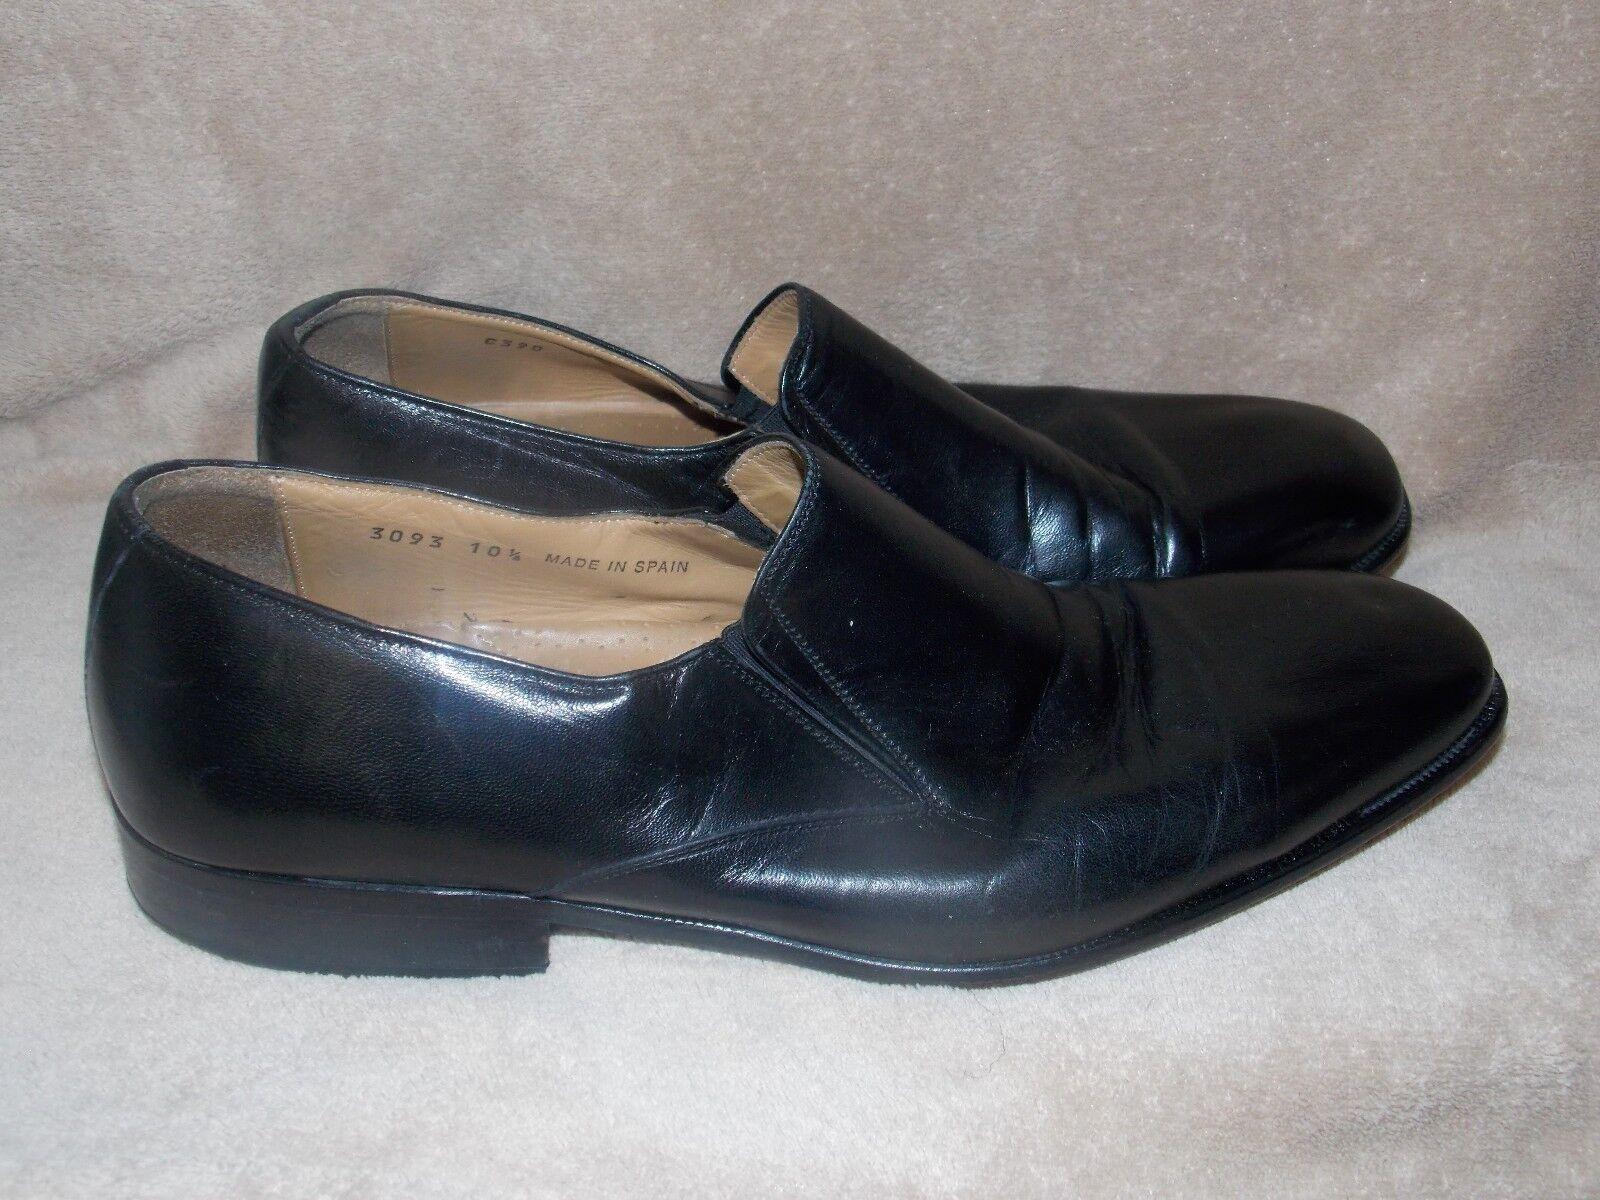 prezzo all'ingrosso e qualità affidabile Massimo Emporio nero LOAFERS Slip On scarpe 10.5 Uomo Used Used Used No Box  con il prezzo economico per ottenere la migliore marca